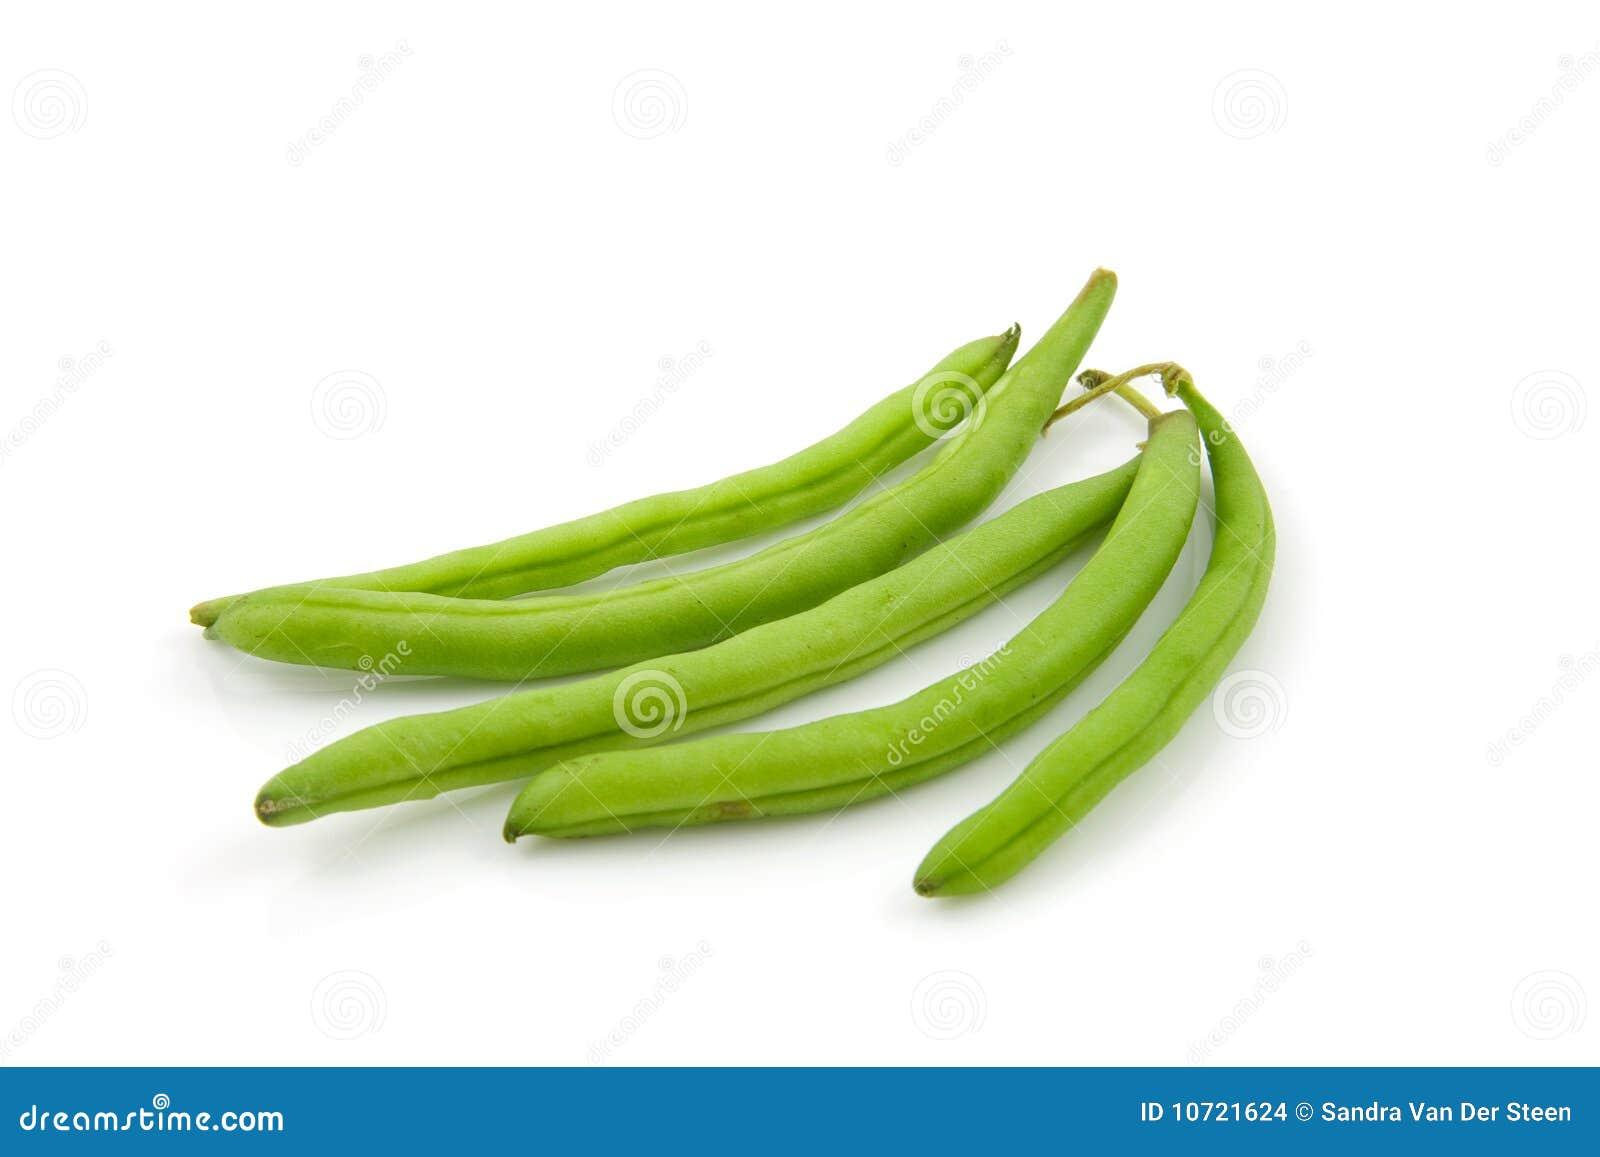 豆五绿色原始